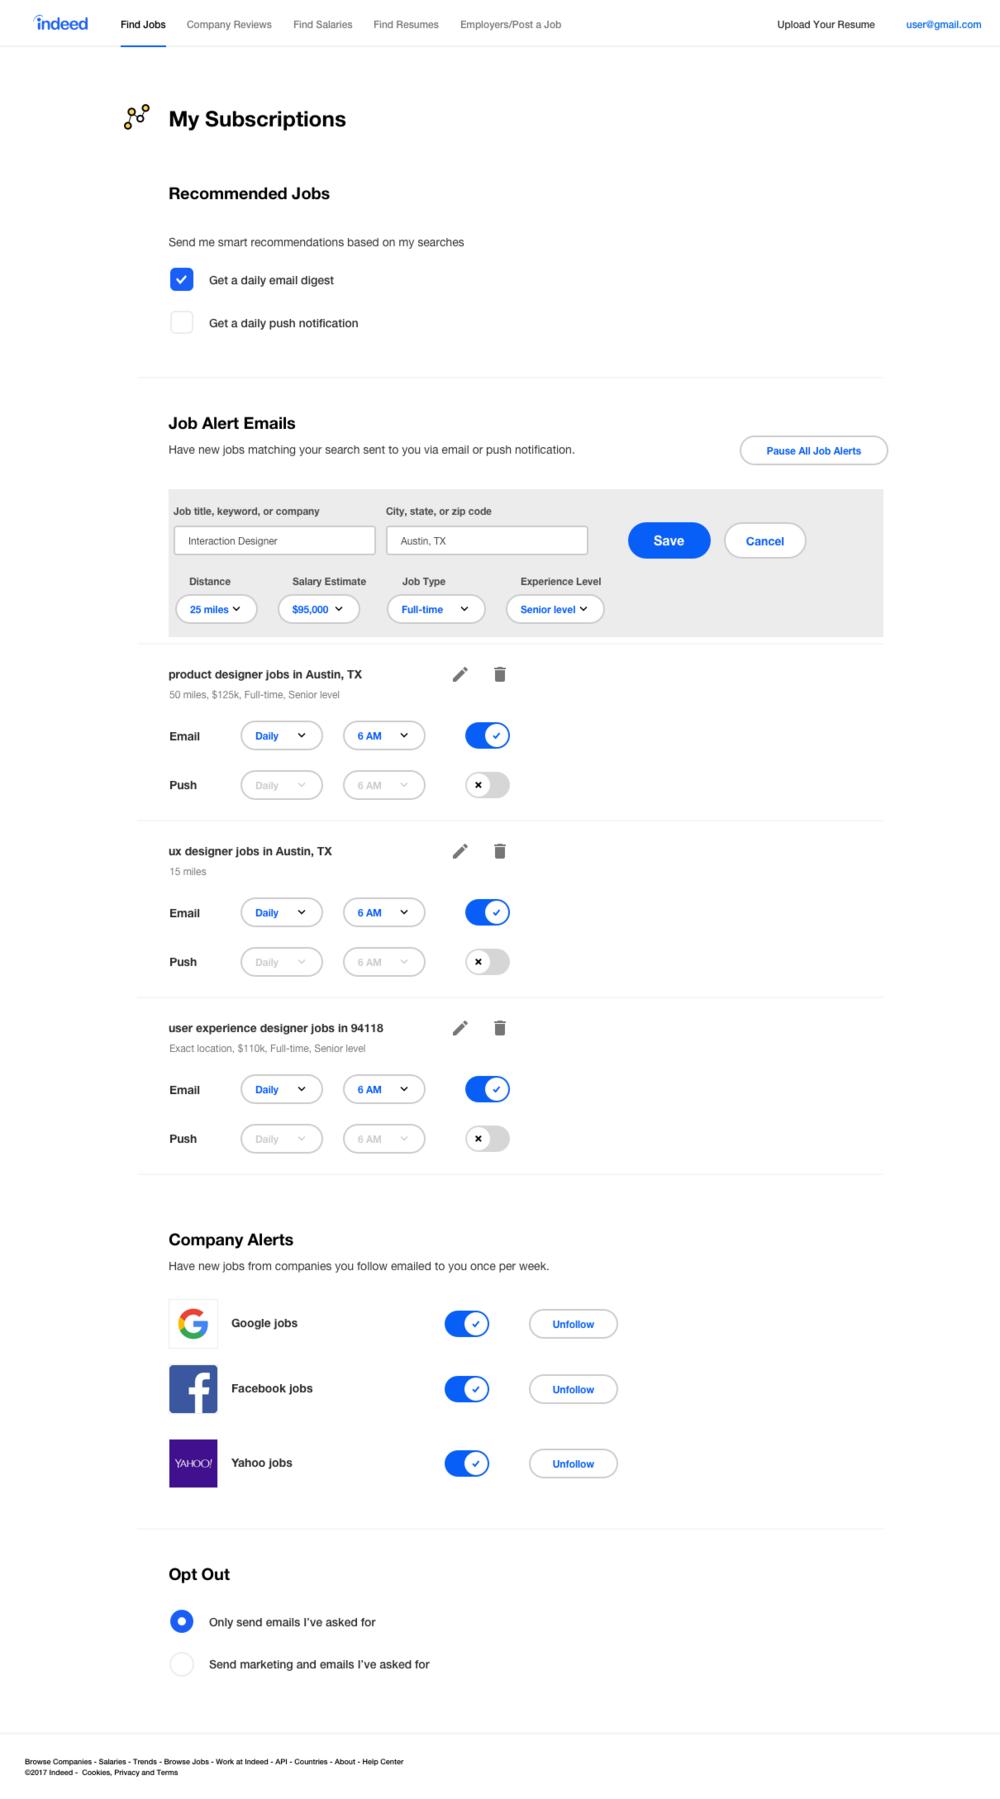 Subway Web App 2.0 V2 Copy 7.png